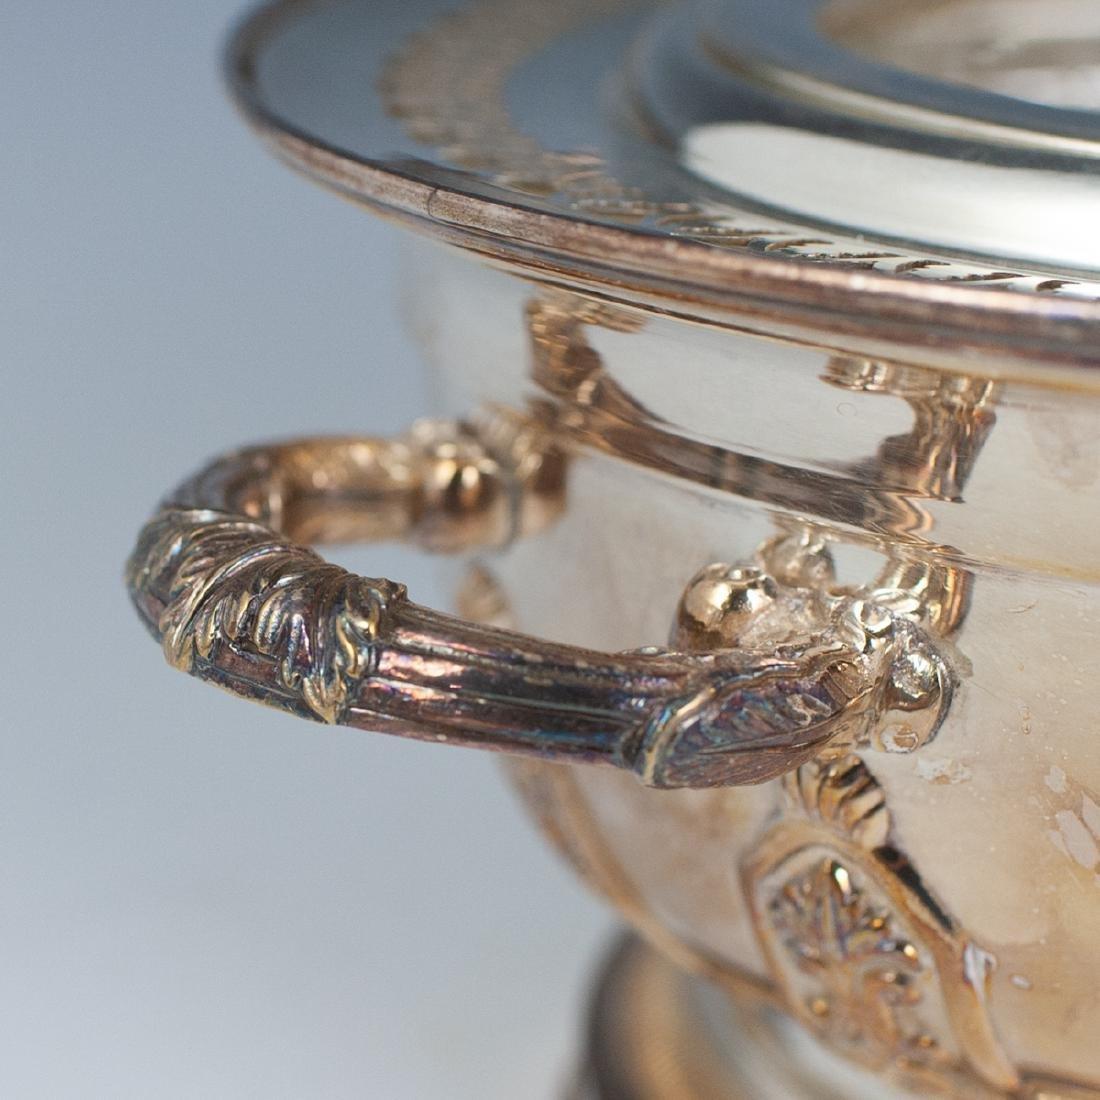 Antique Silver Plated Caviar Server - 4